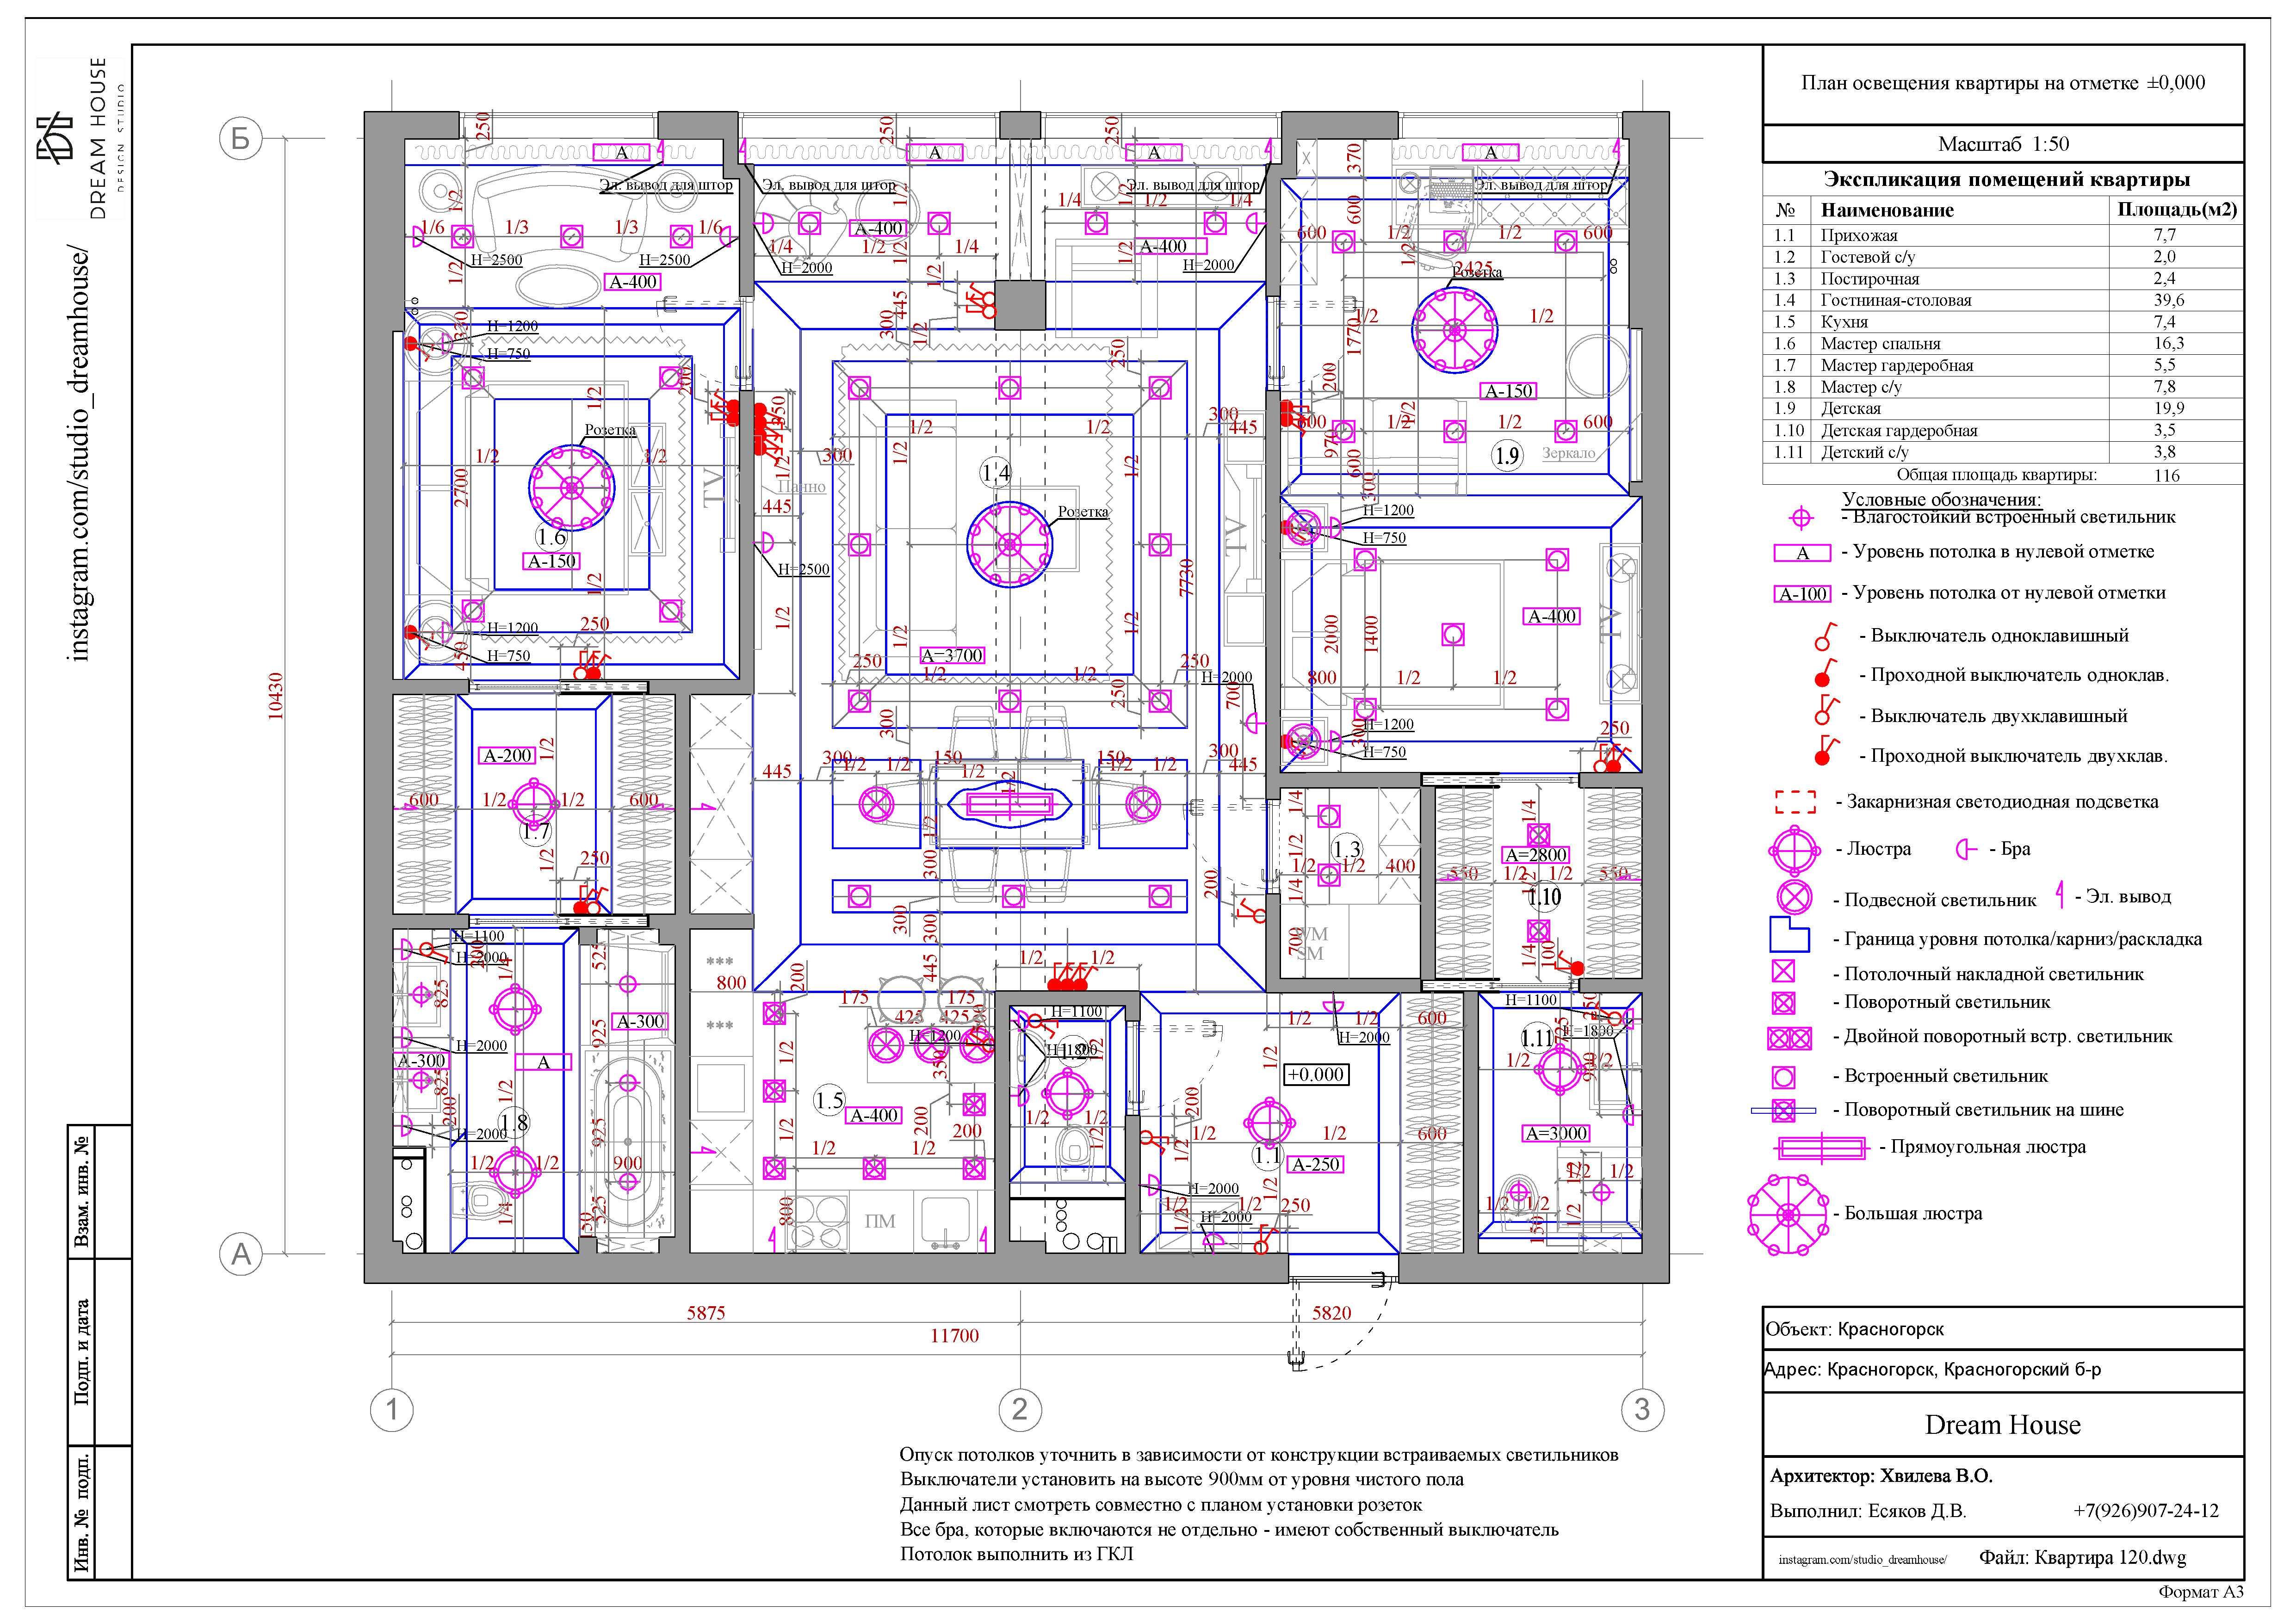 Дизайн интерьера — часть 1. как правильно выбрать освещение для комнат в доме